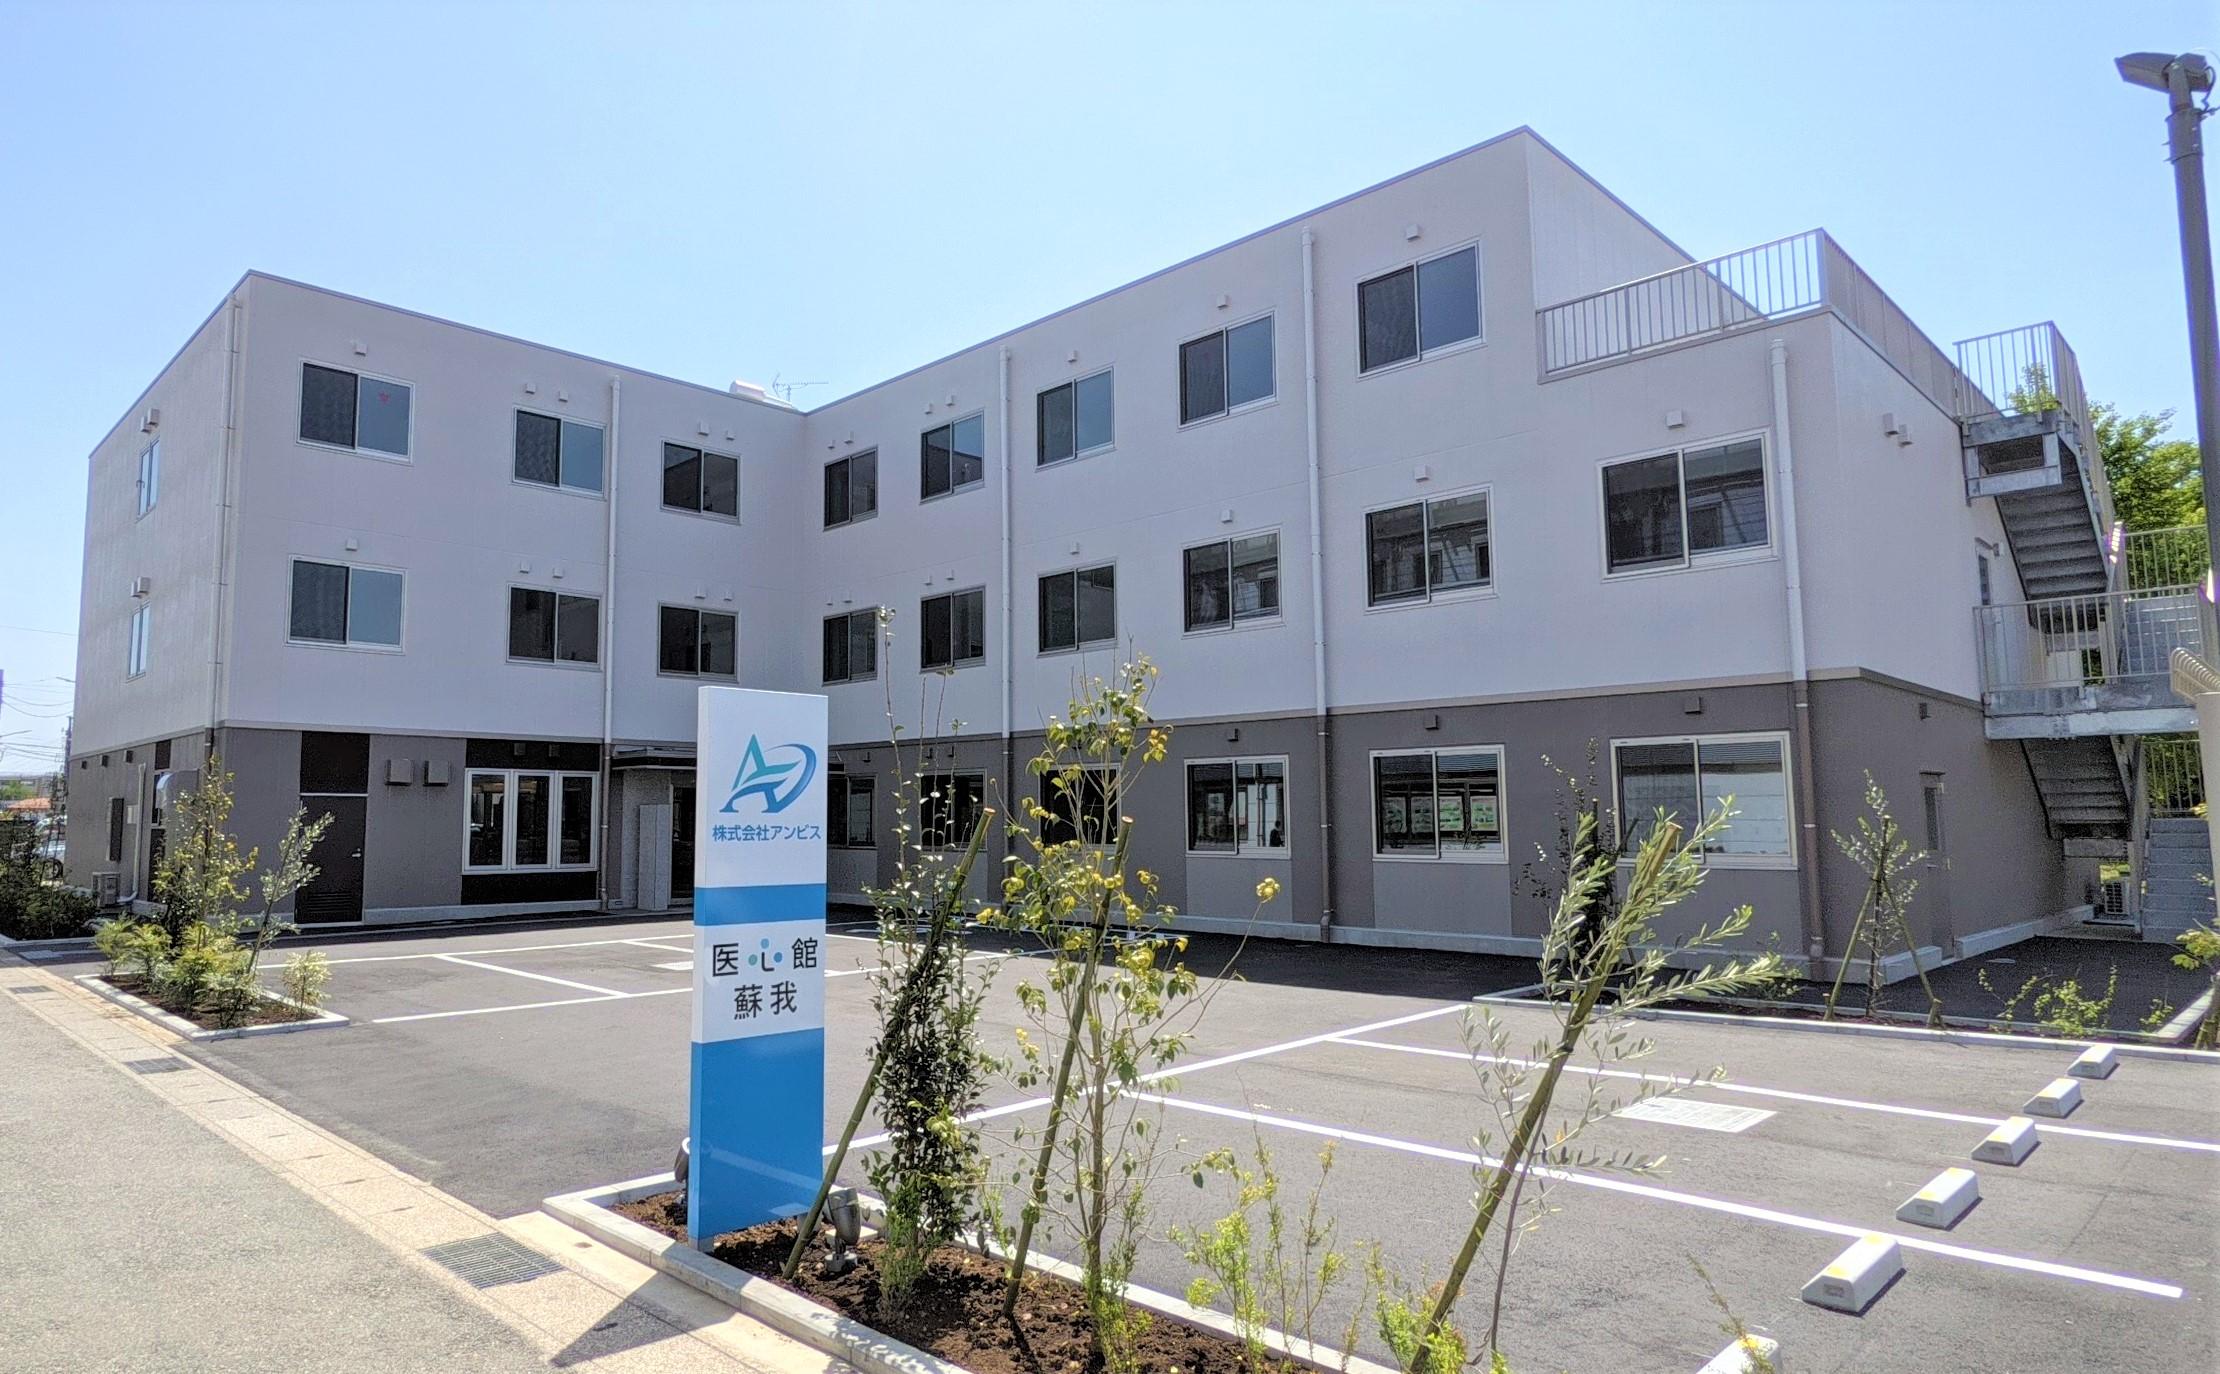 千葉県では2施設目となる有料老人ホーム「医心館 蘇我」をオープンしました